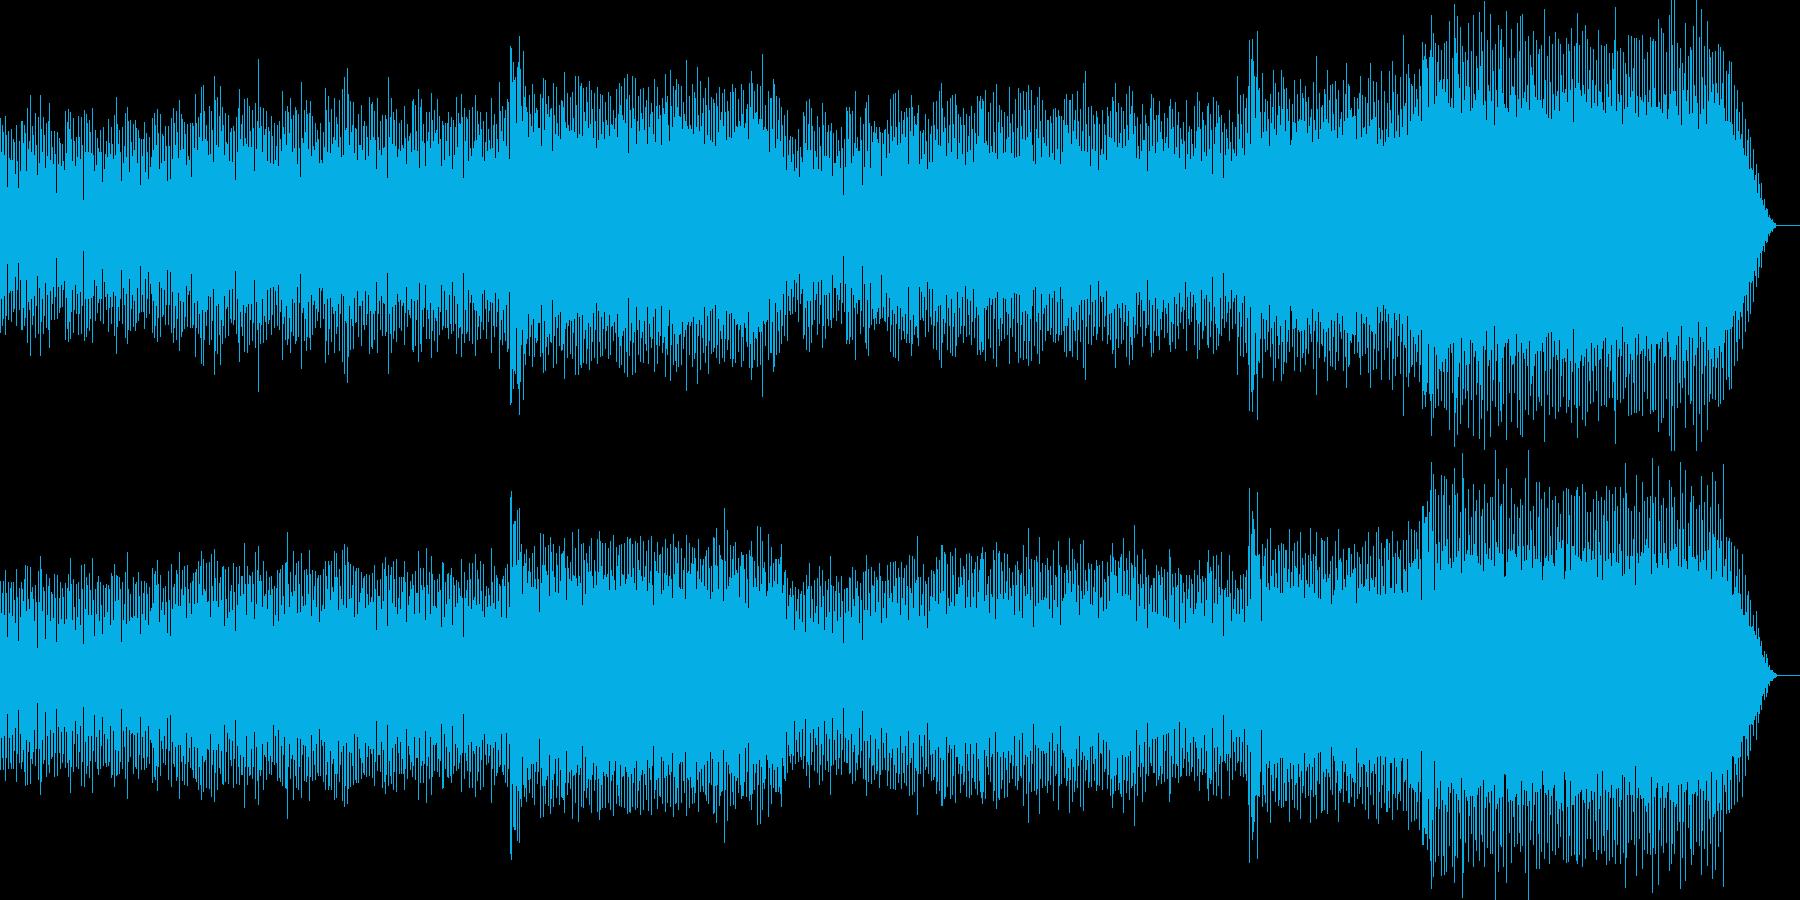 ノリの良い近未来的なdiscoトランスの再生済みの波形